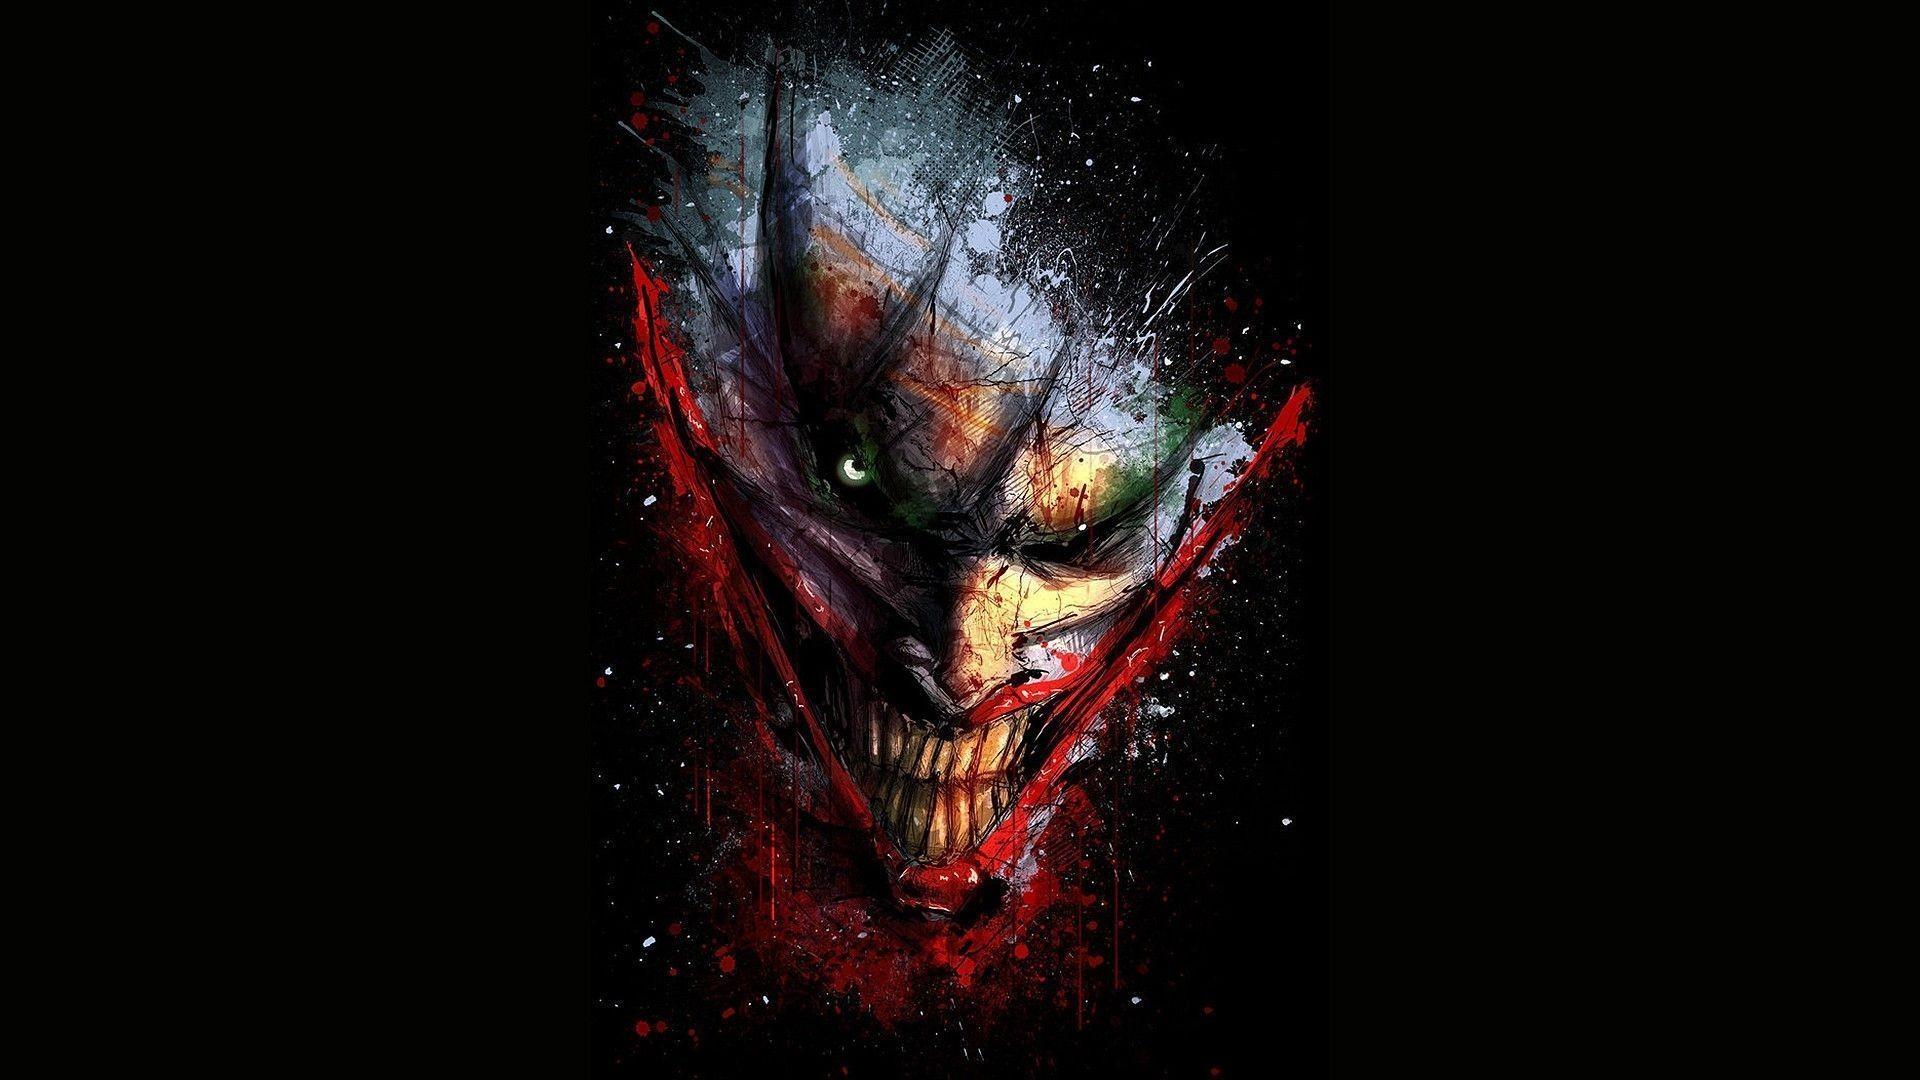 Batman Red Hood HD Wallpaper (73+ images)